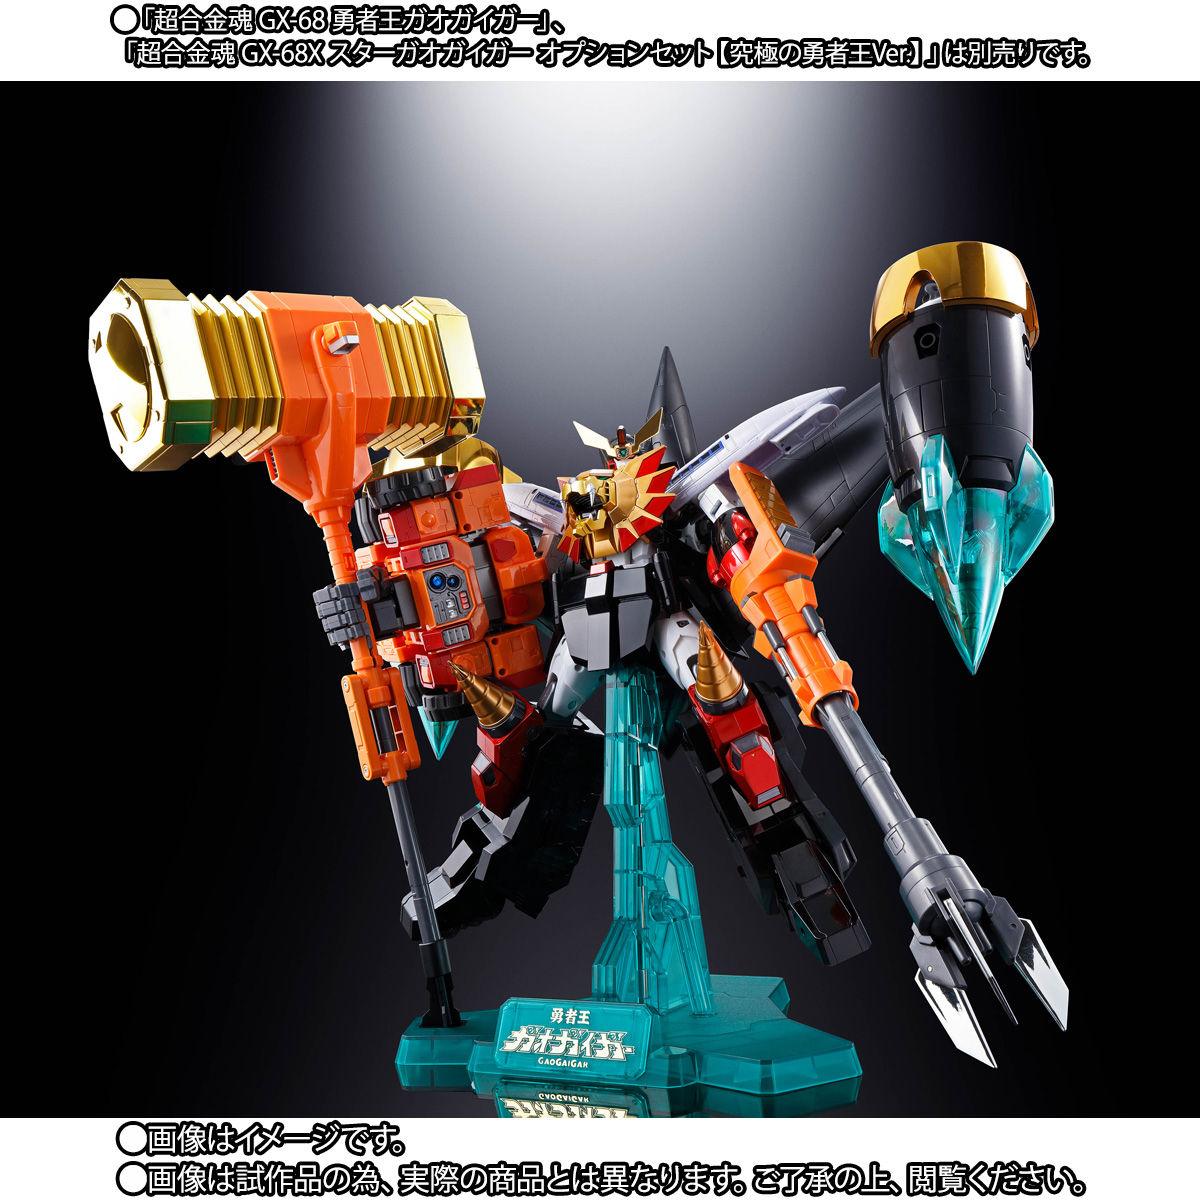 【限定販売】超合金魂『GX-69R ゴルディーマーグ【究極の勇者王Ver.】』可動フィギュア-006